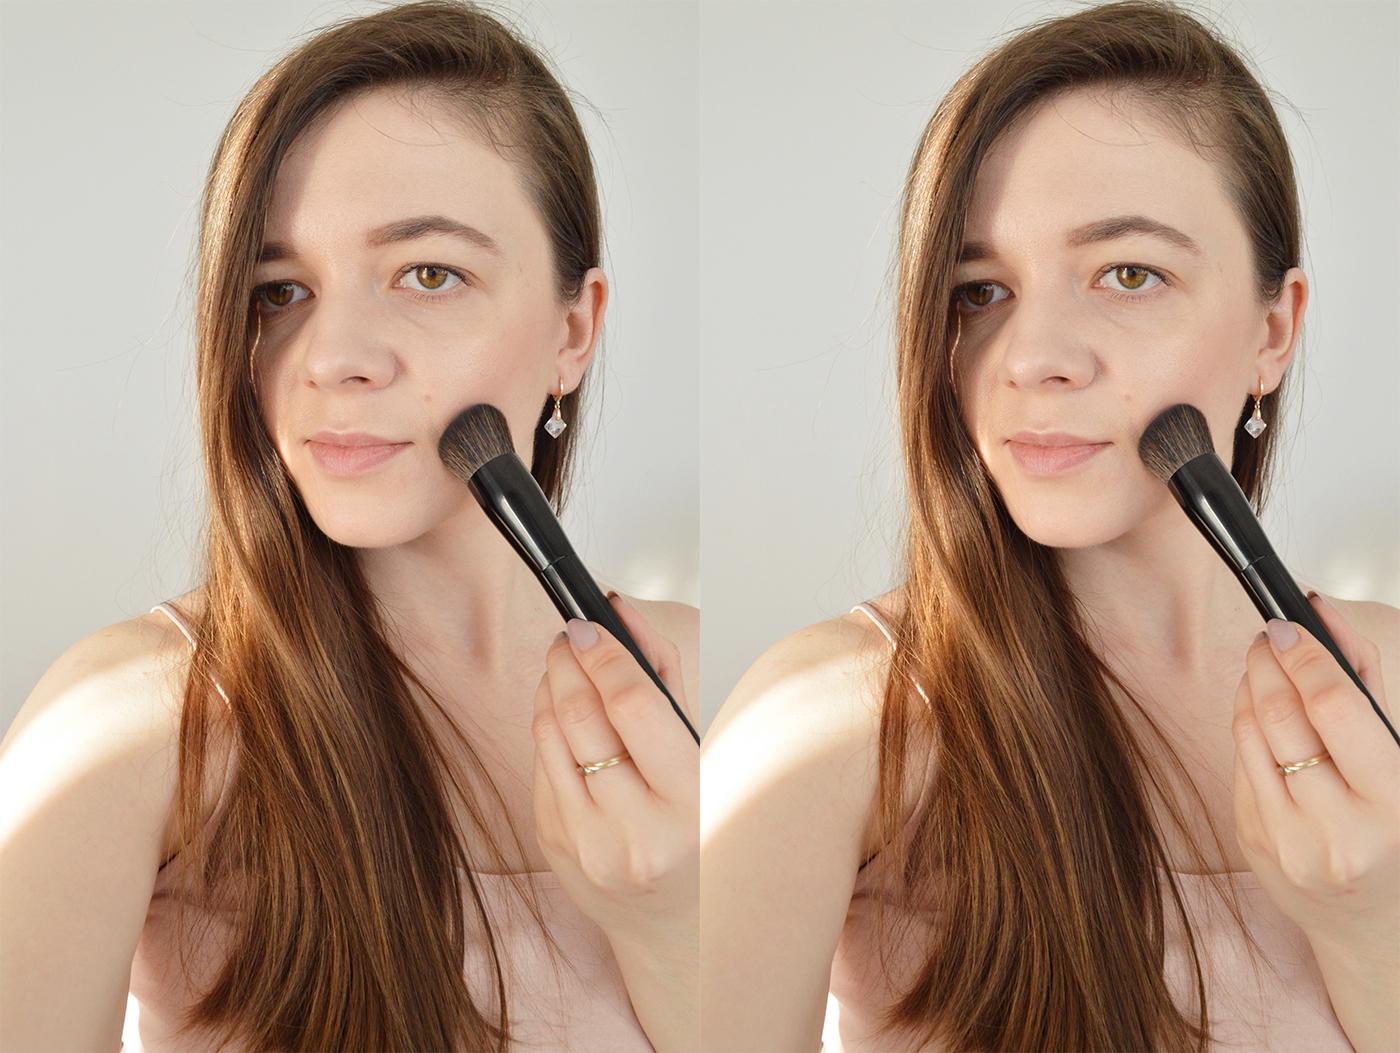 codzienny makijaż kosmetyki Nutridome